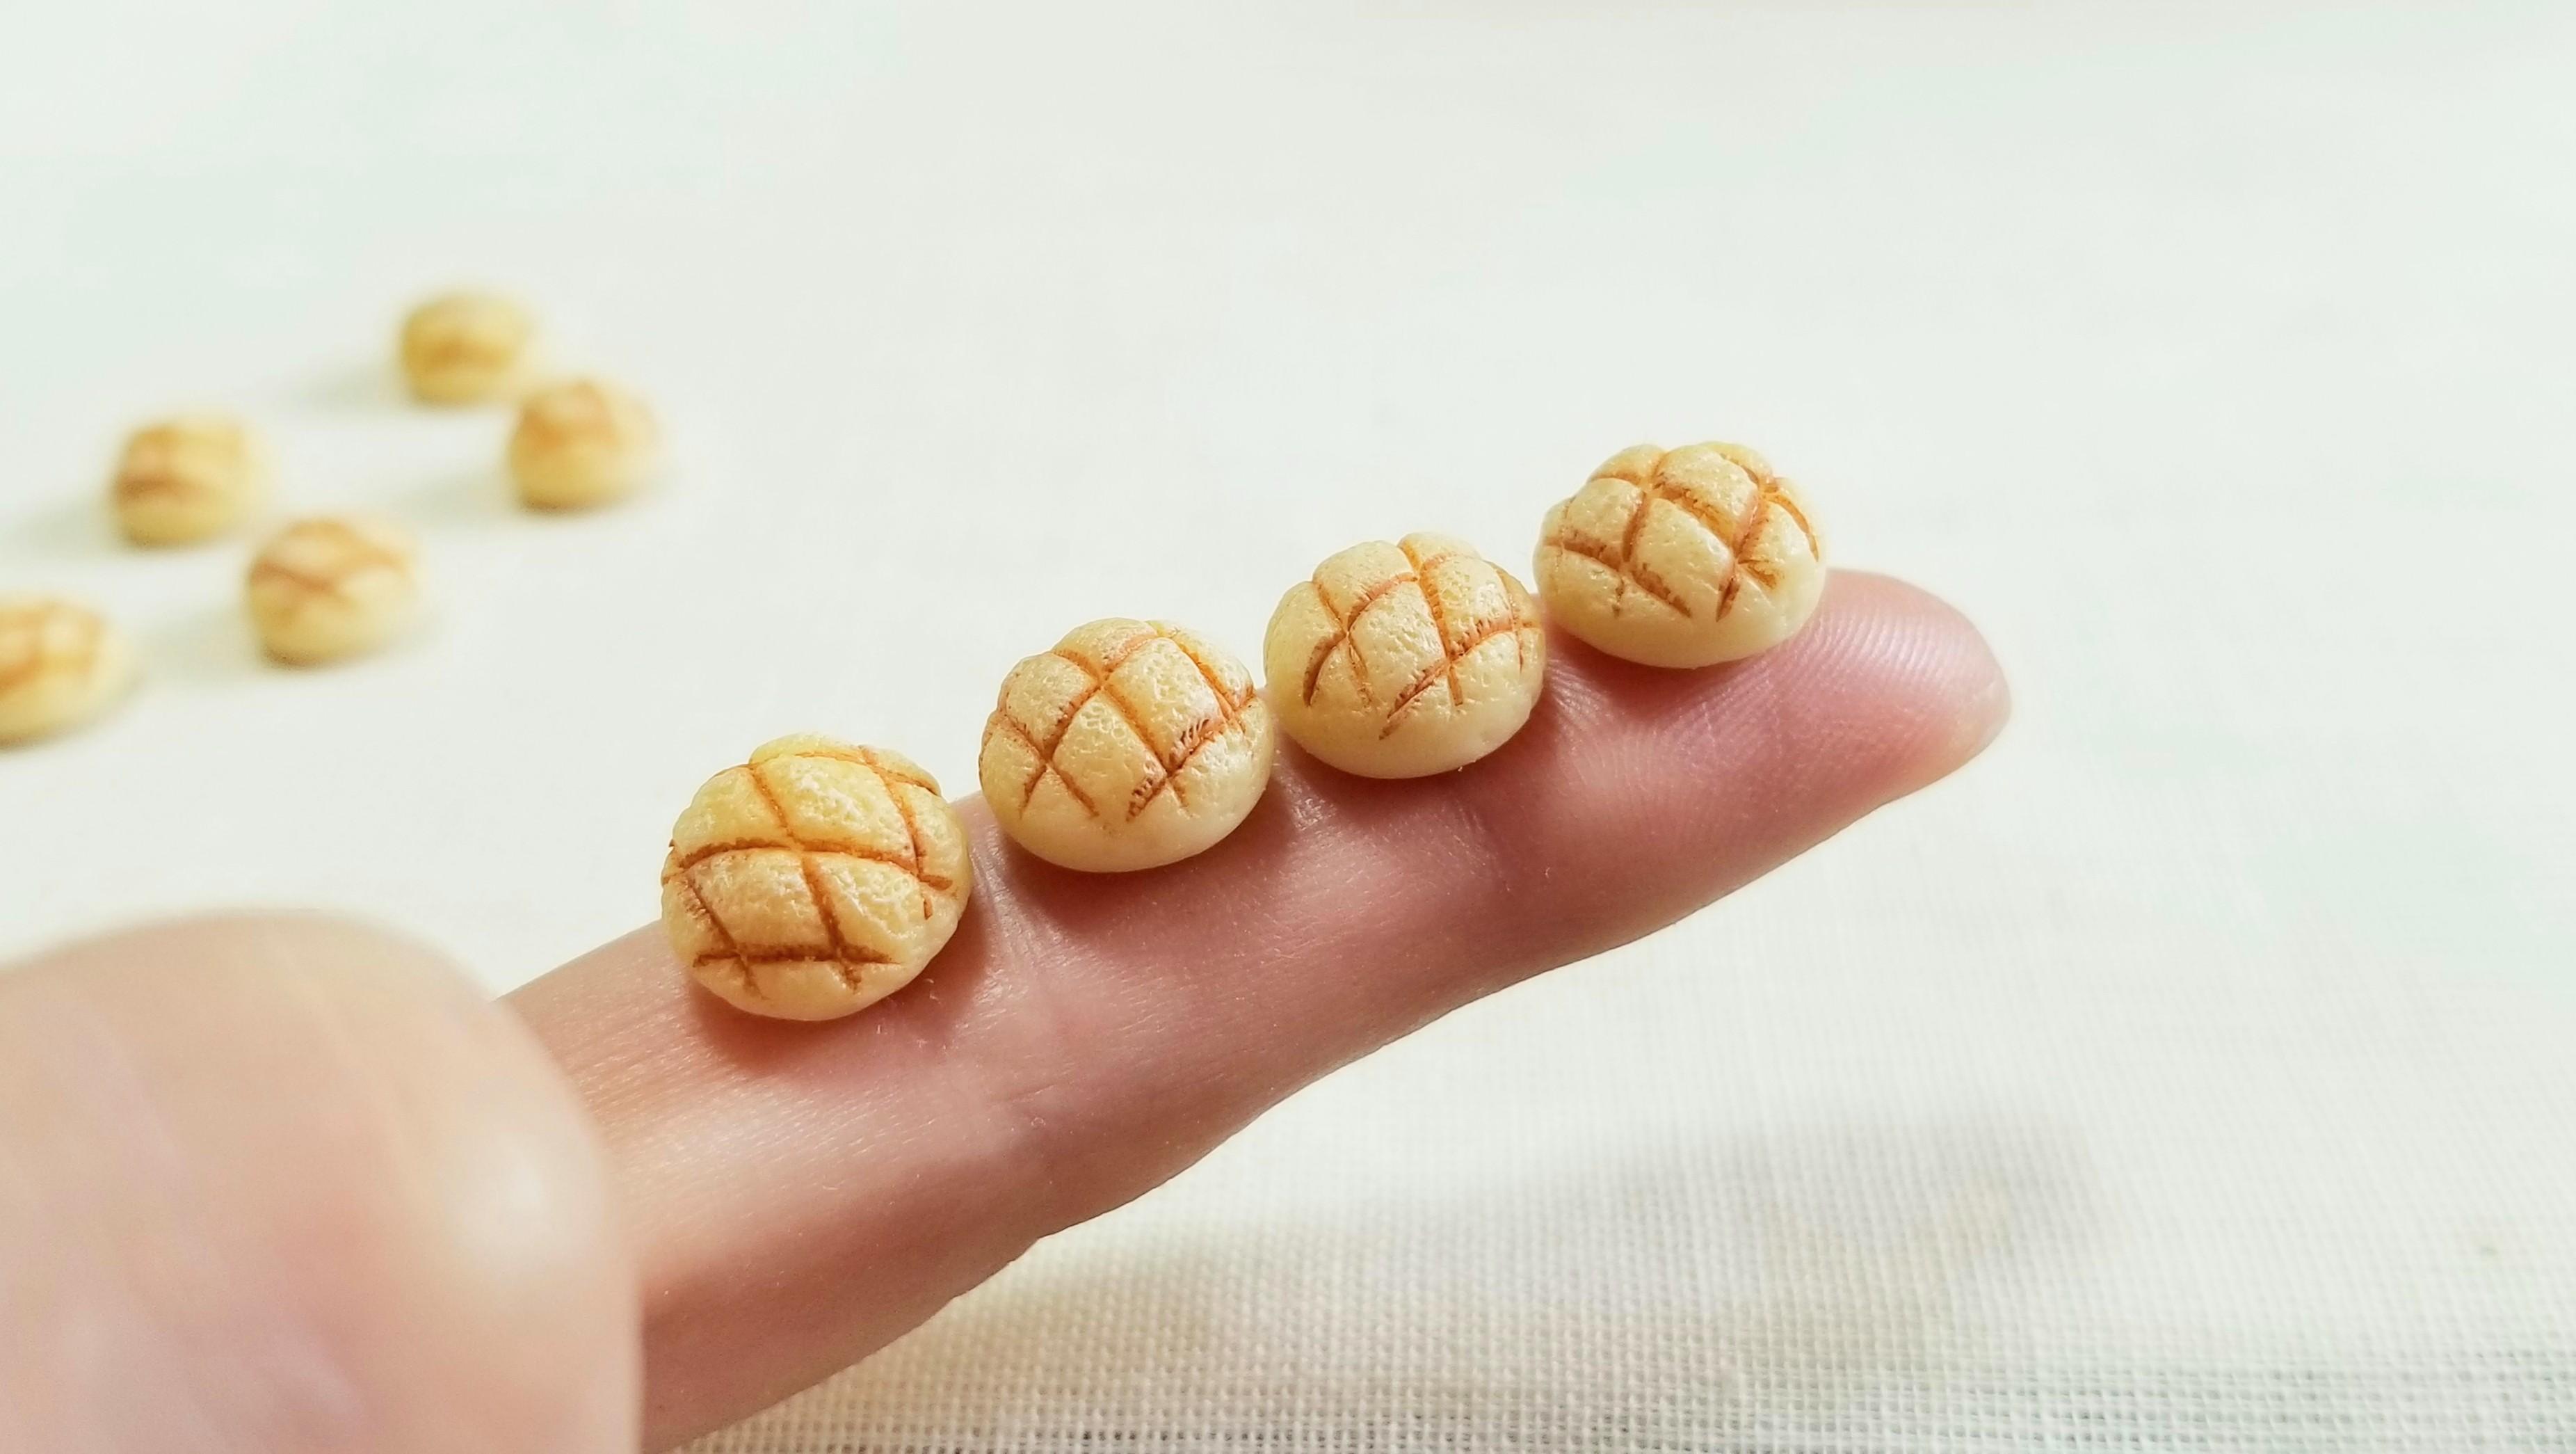 ミニチュアパン屋樹脂粘土手作りハンドメイド小物ブログドール用品